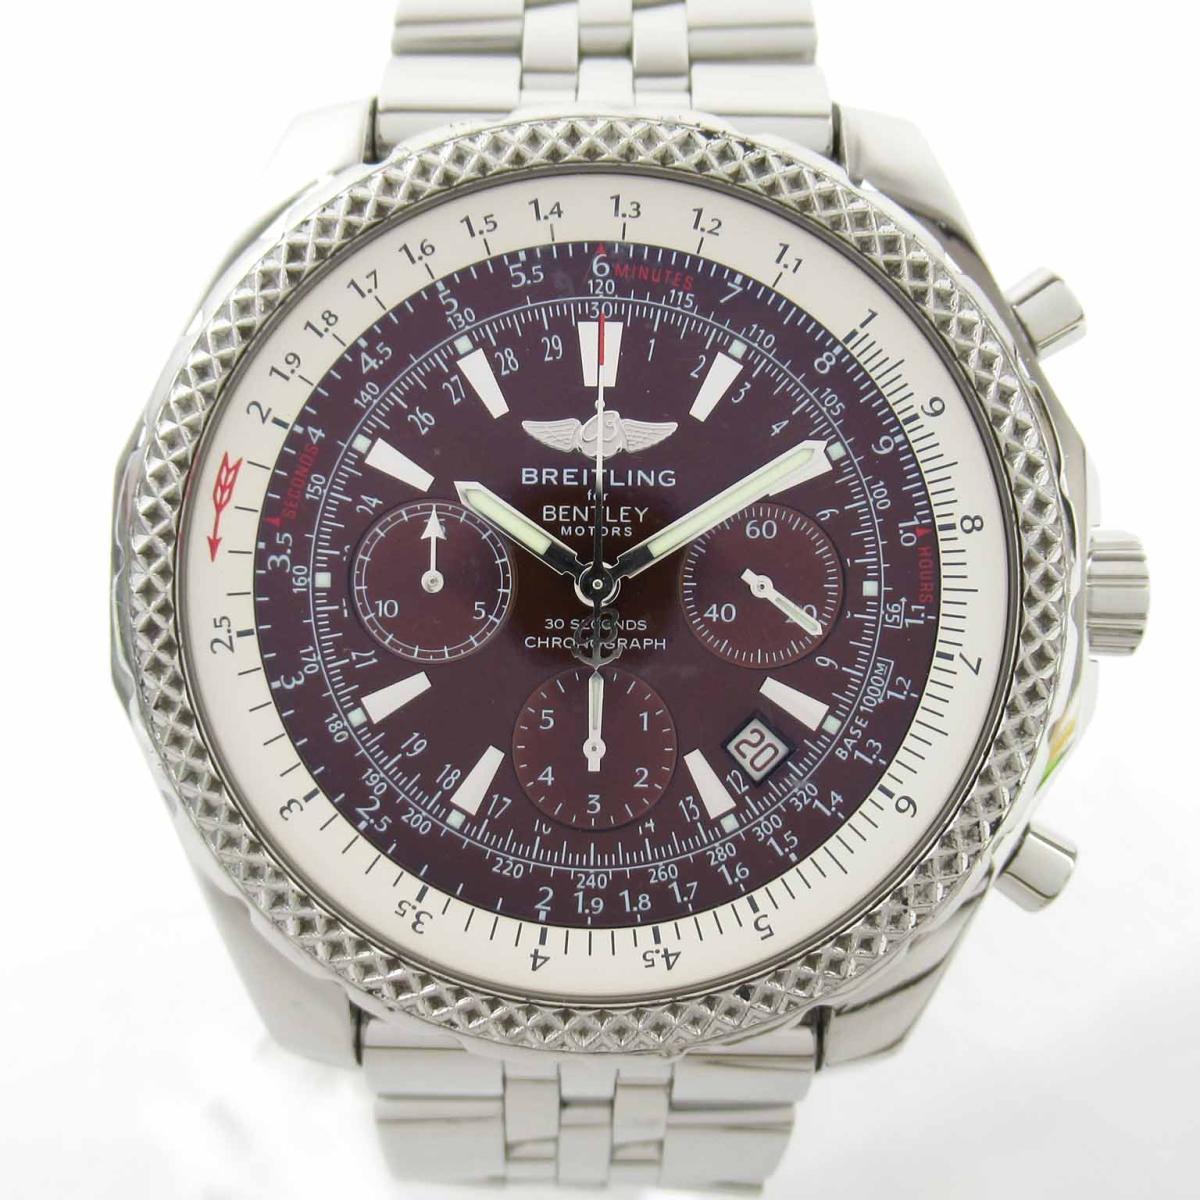 ≪期間限定≫メルマガ登録でクーポンGET! 【中古】 ブライトリング ベントレー ウォッチ 腕時計 メンズ ステンレススチール (SS) (A25362) | BREITLING BRANDOFF ブランドオフ ブランド ブランド時計 ブランド腕時計 時計